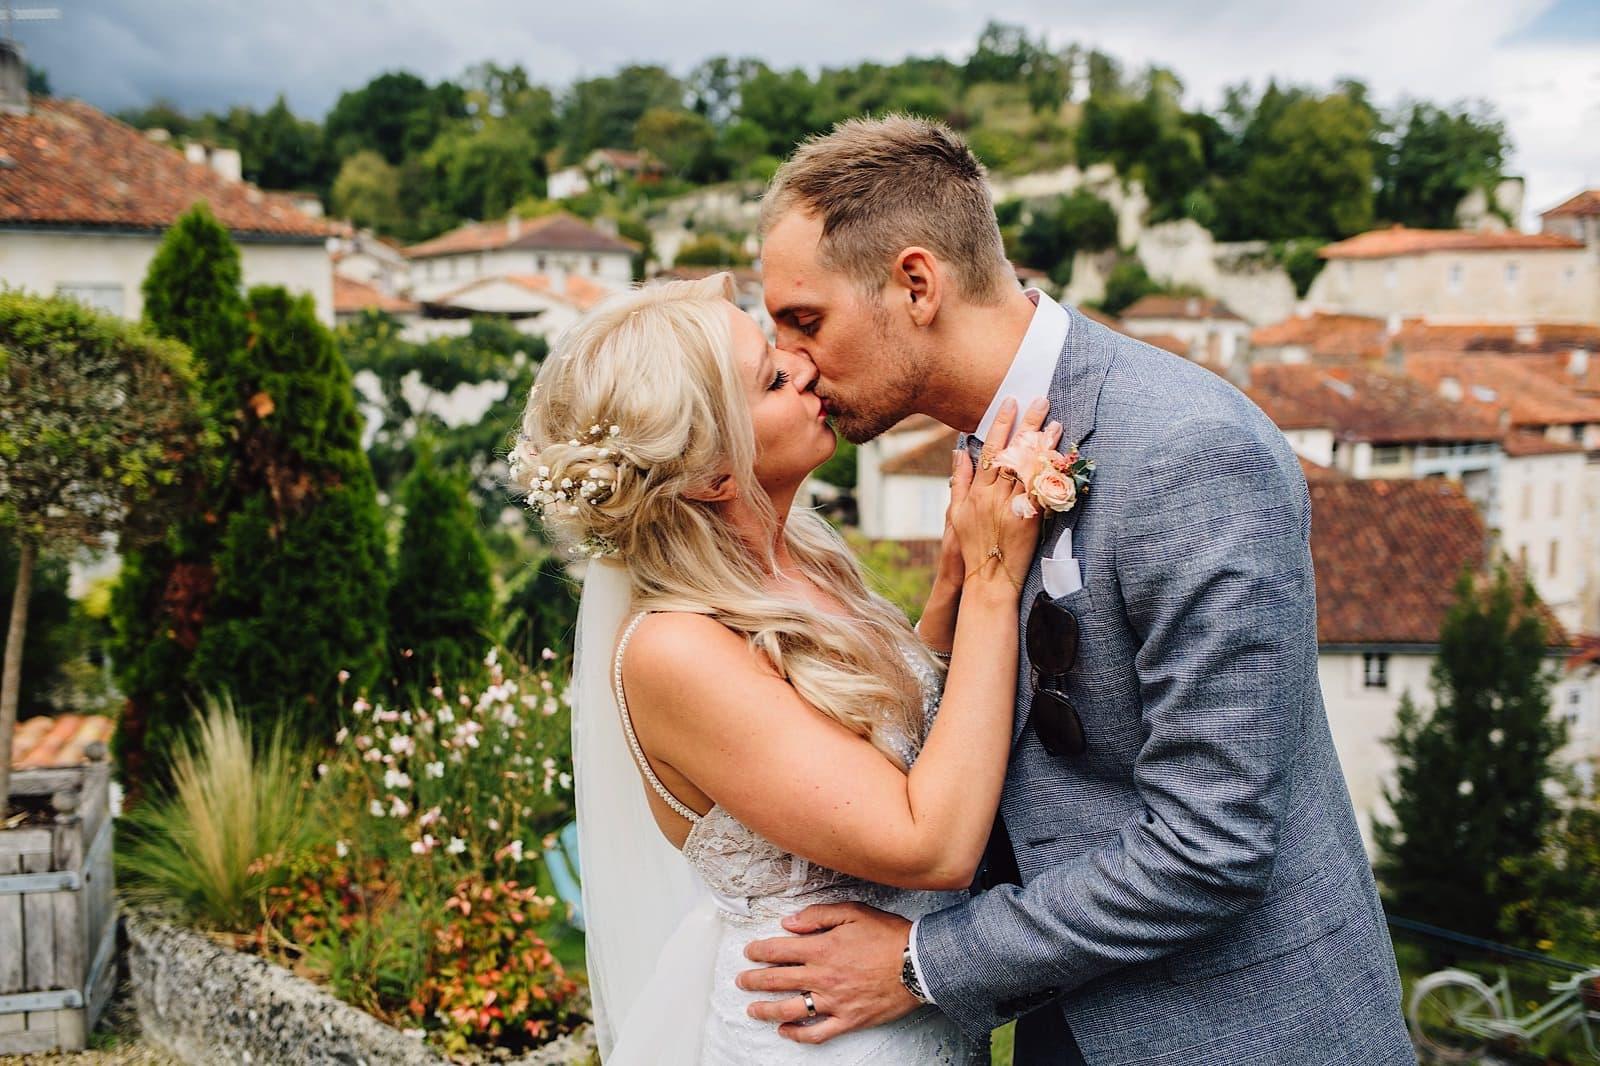 best-wedding-photography-warwickshire-0103